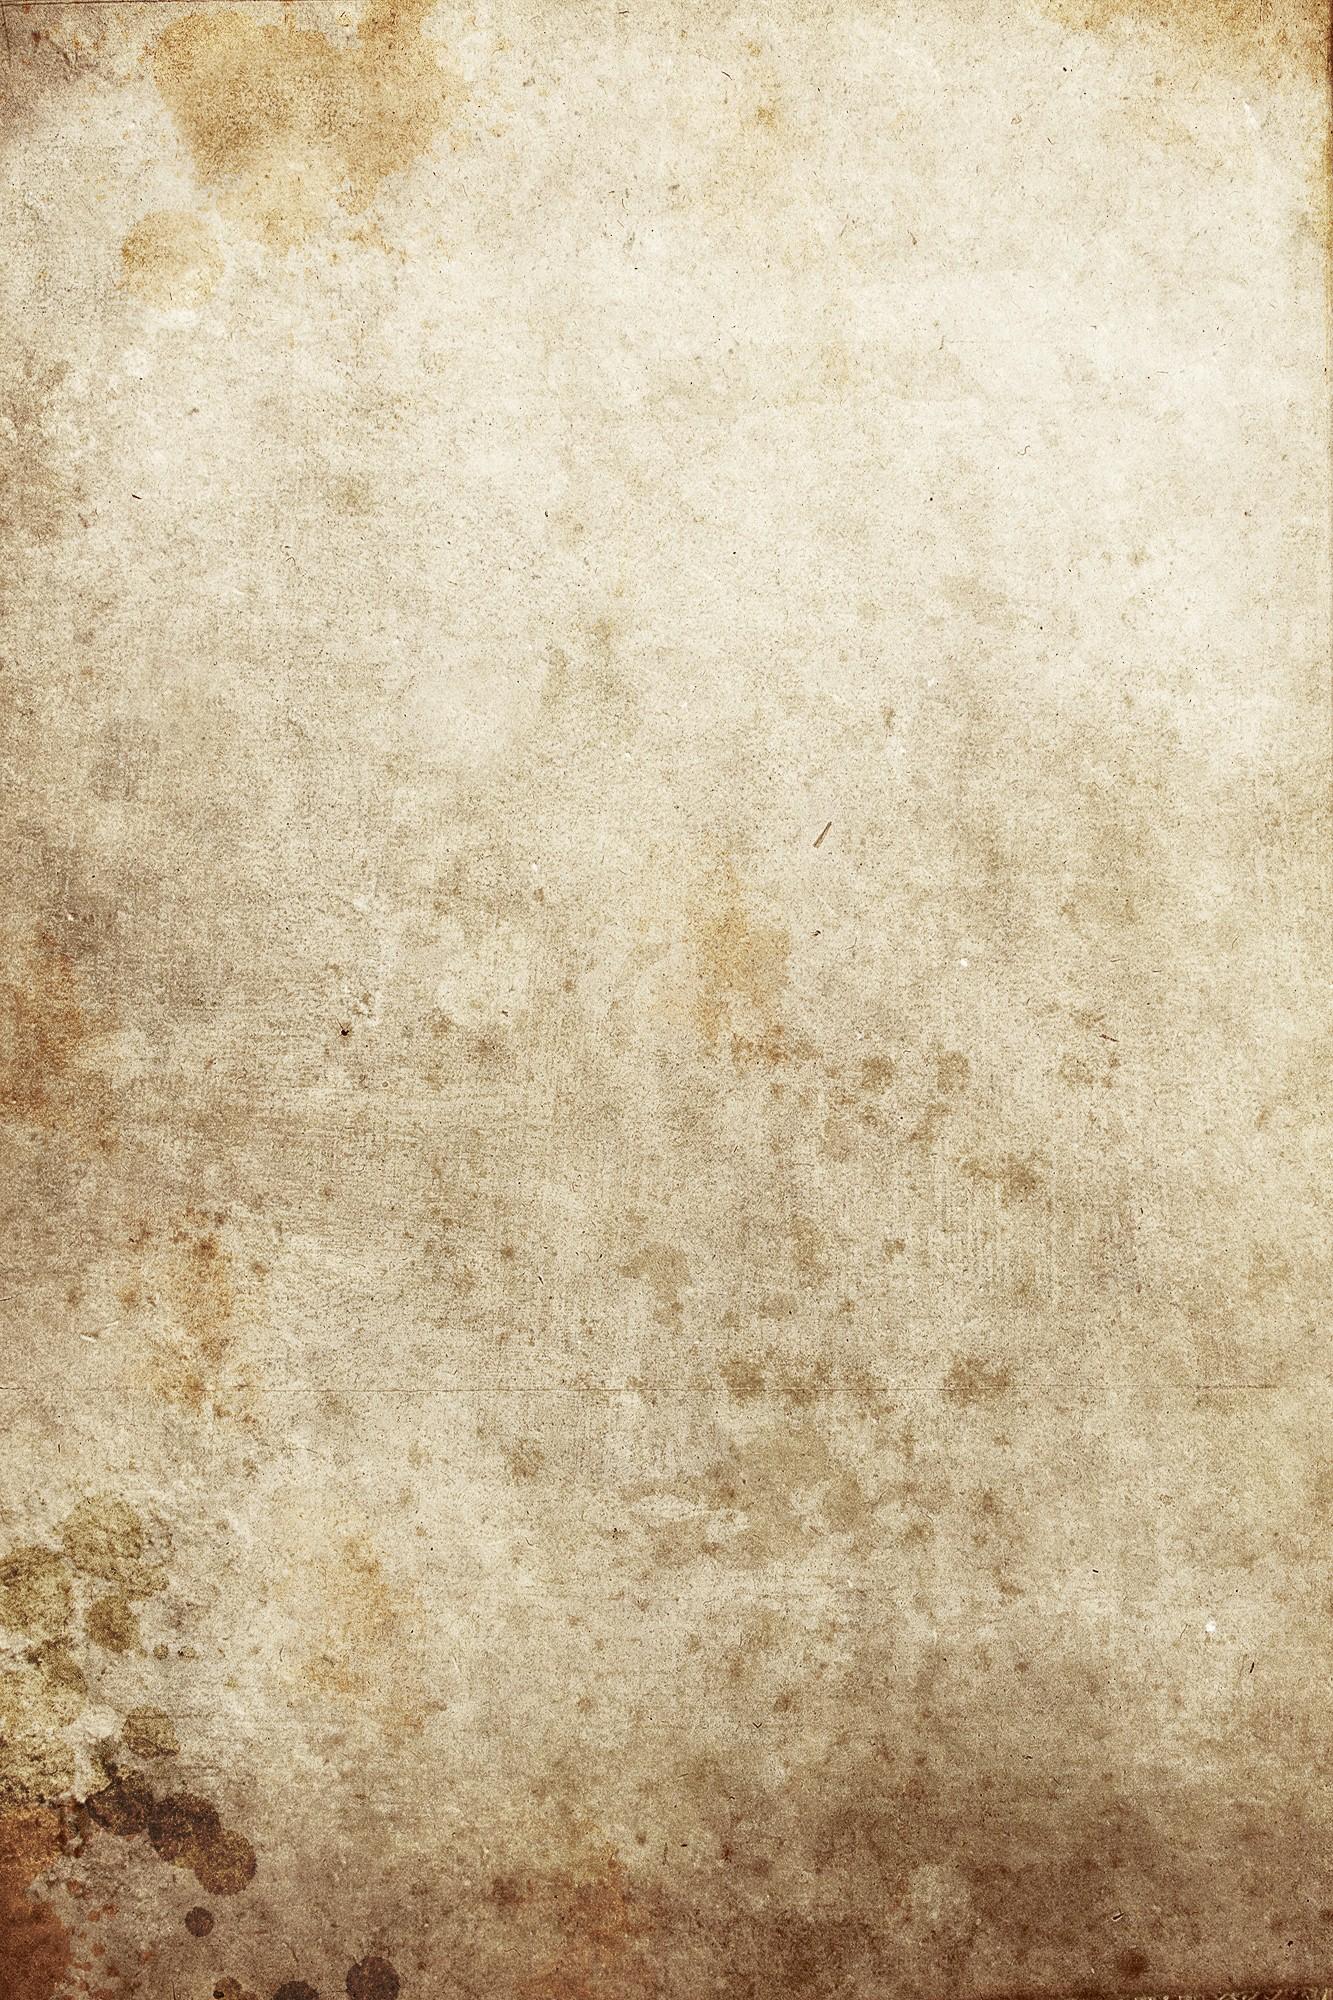 Vintage Papyrus Texture #1